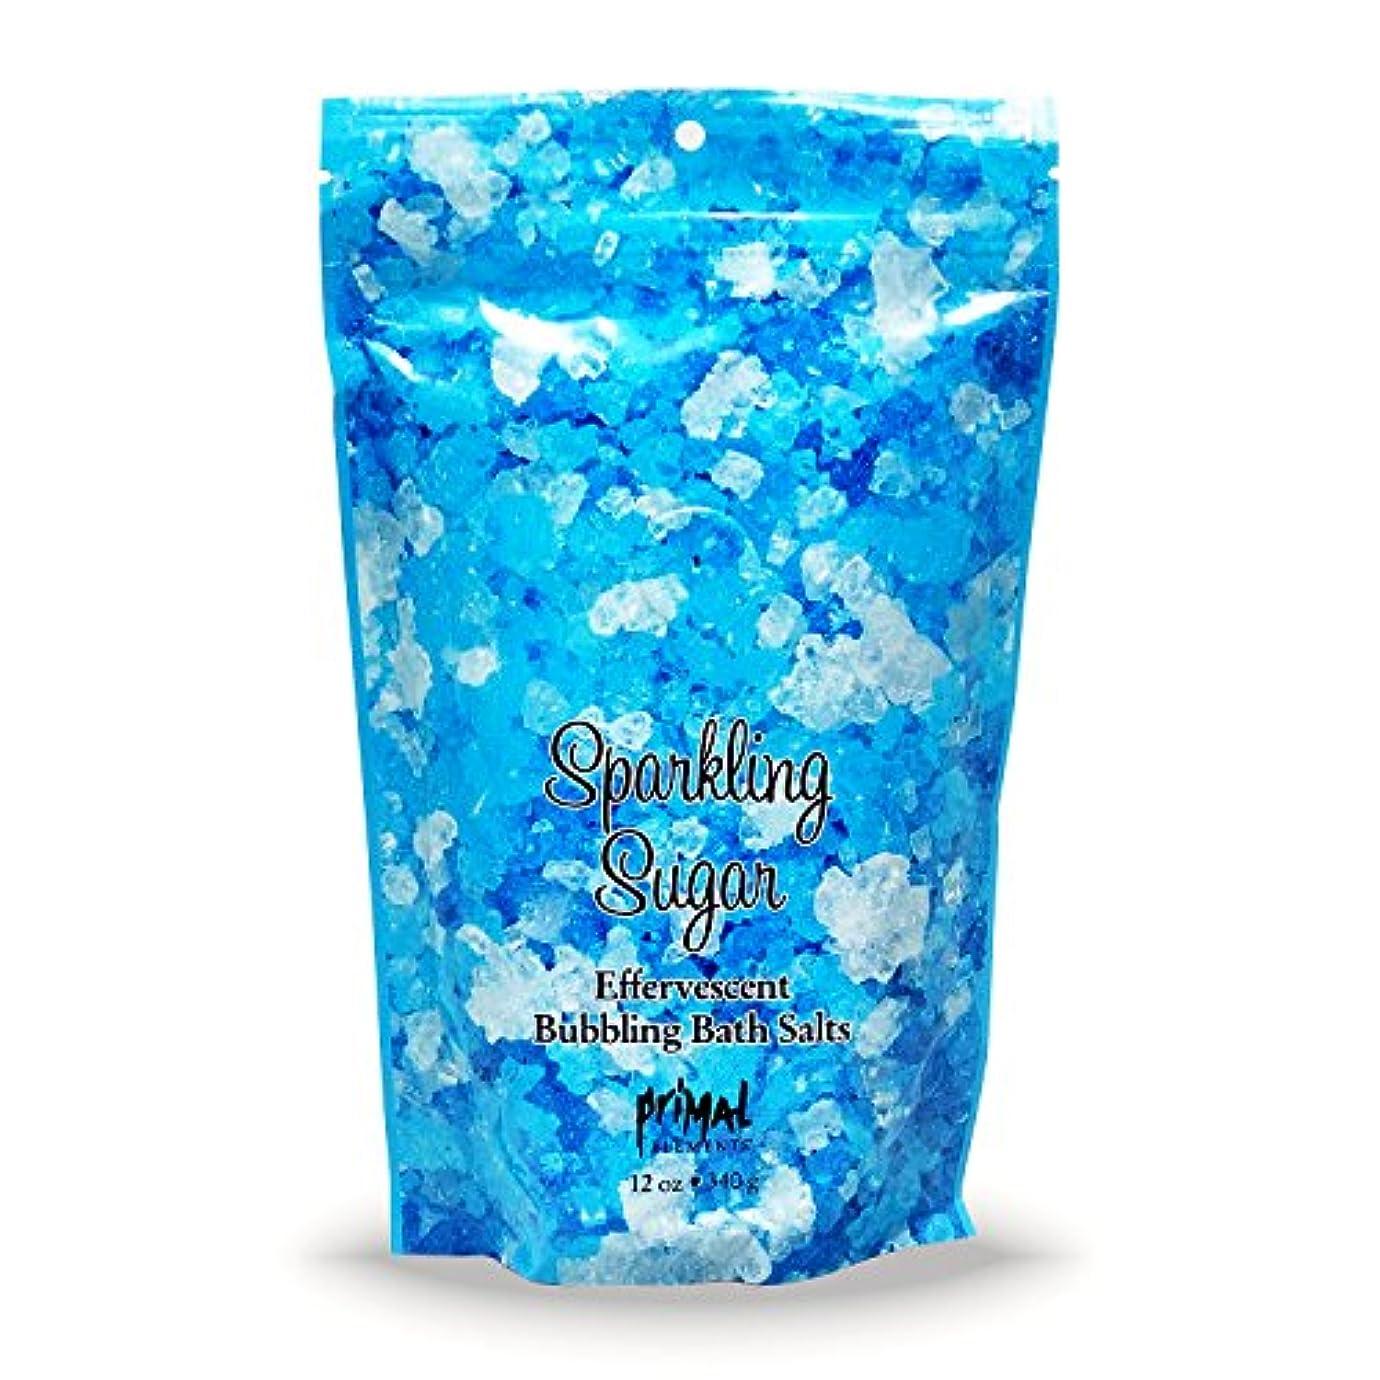 プライモールエレメンツ バブリング バスソルト/スパークリングシュガー 340g エプソムソルト含有 アロマの香りがひろがる泡立つ入浴剤